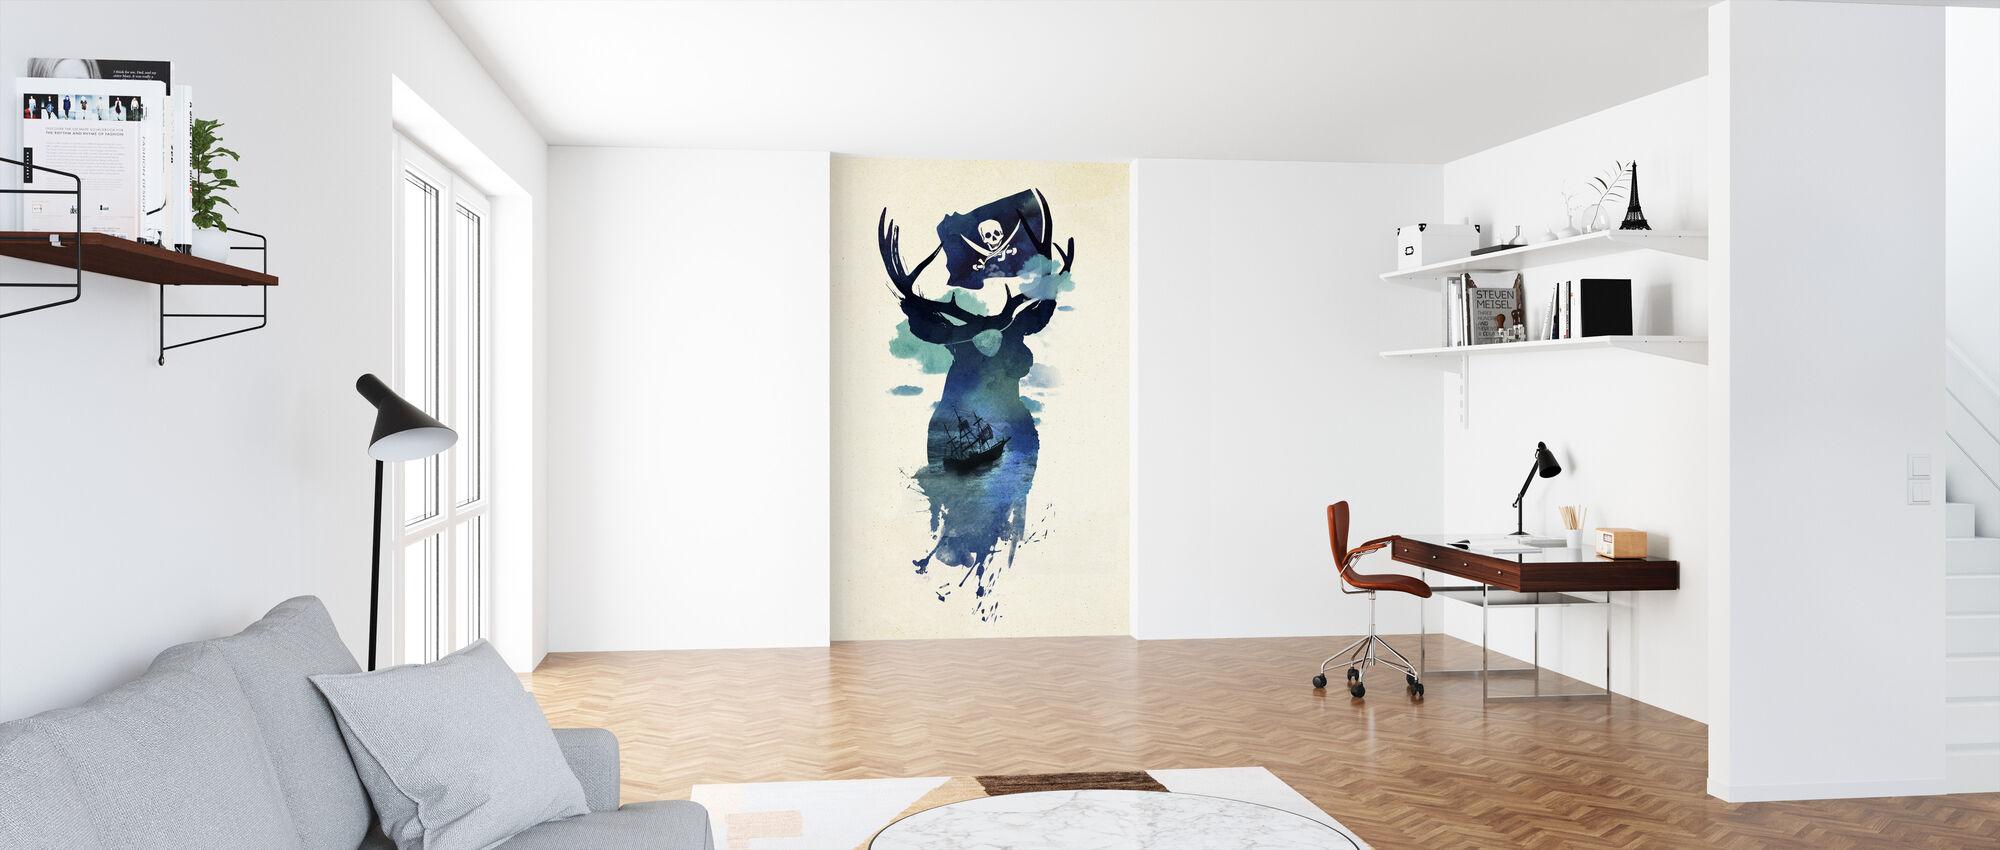 Captain Hook - Wallpaper - Office